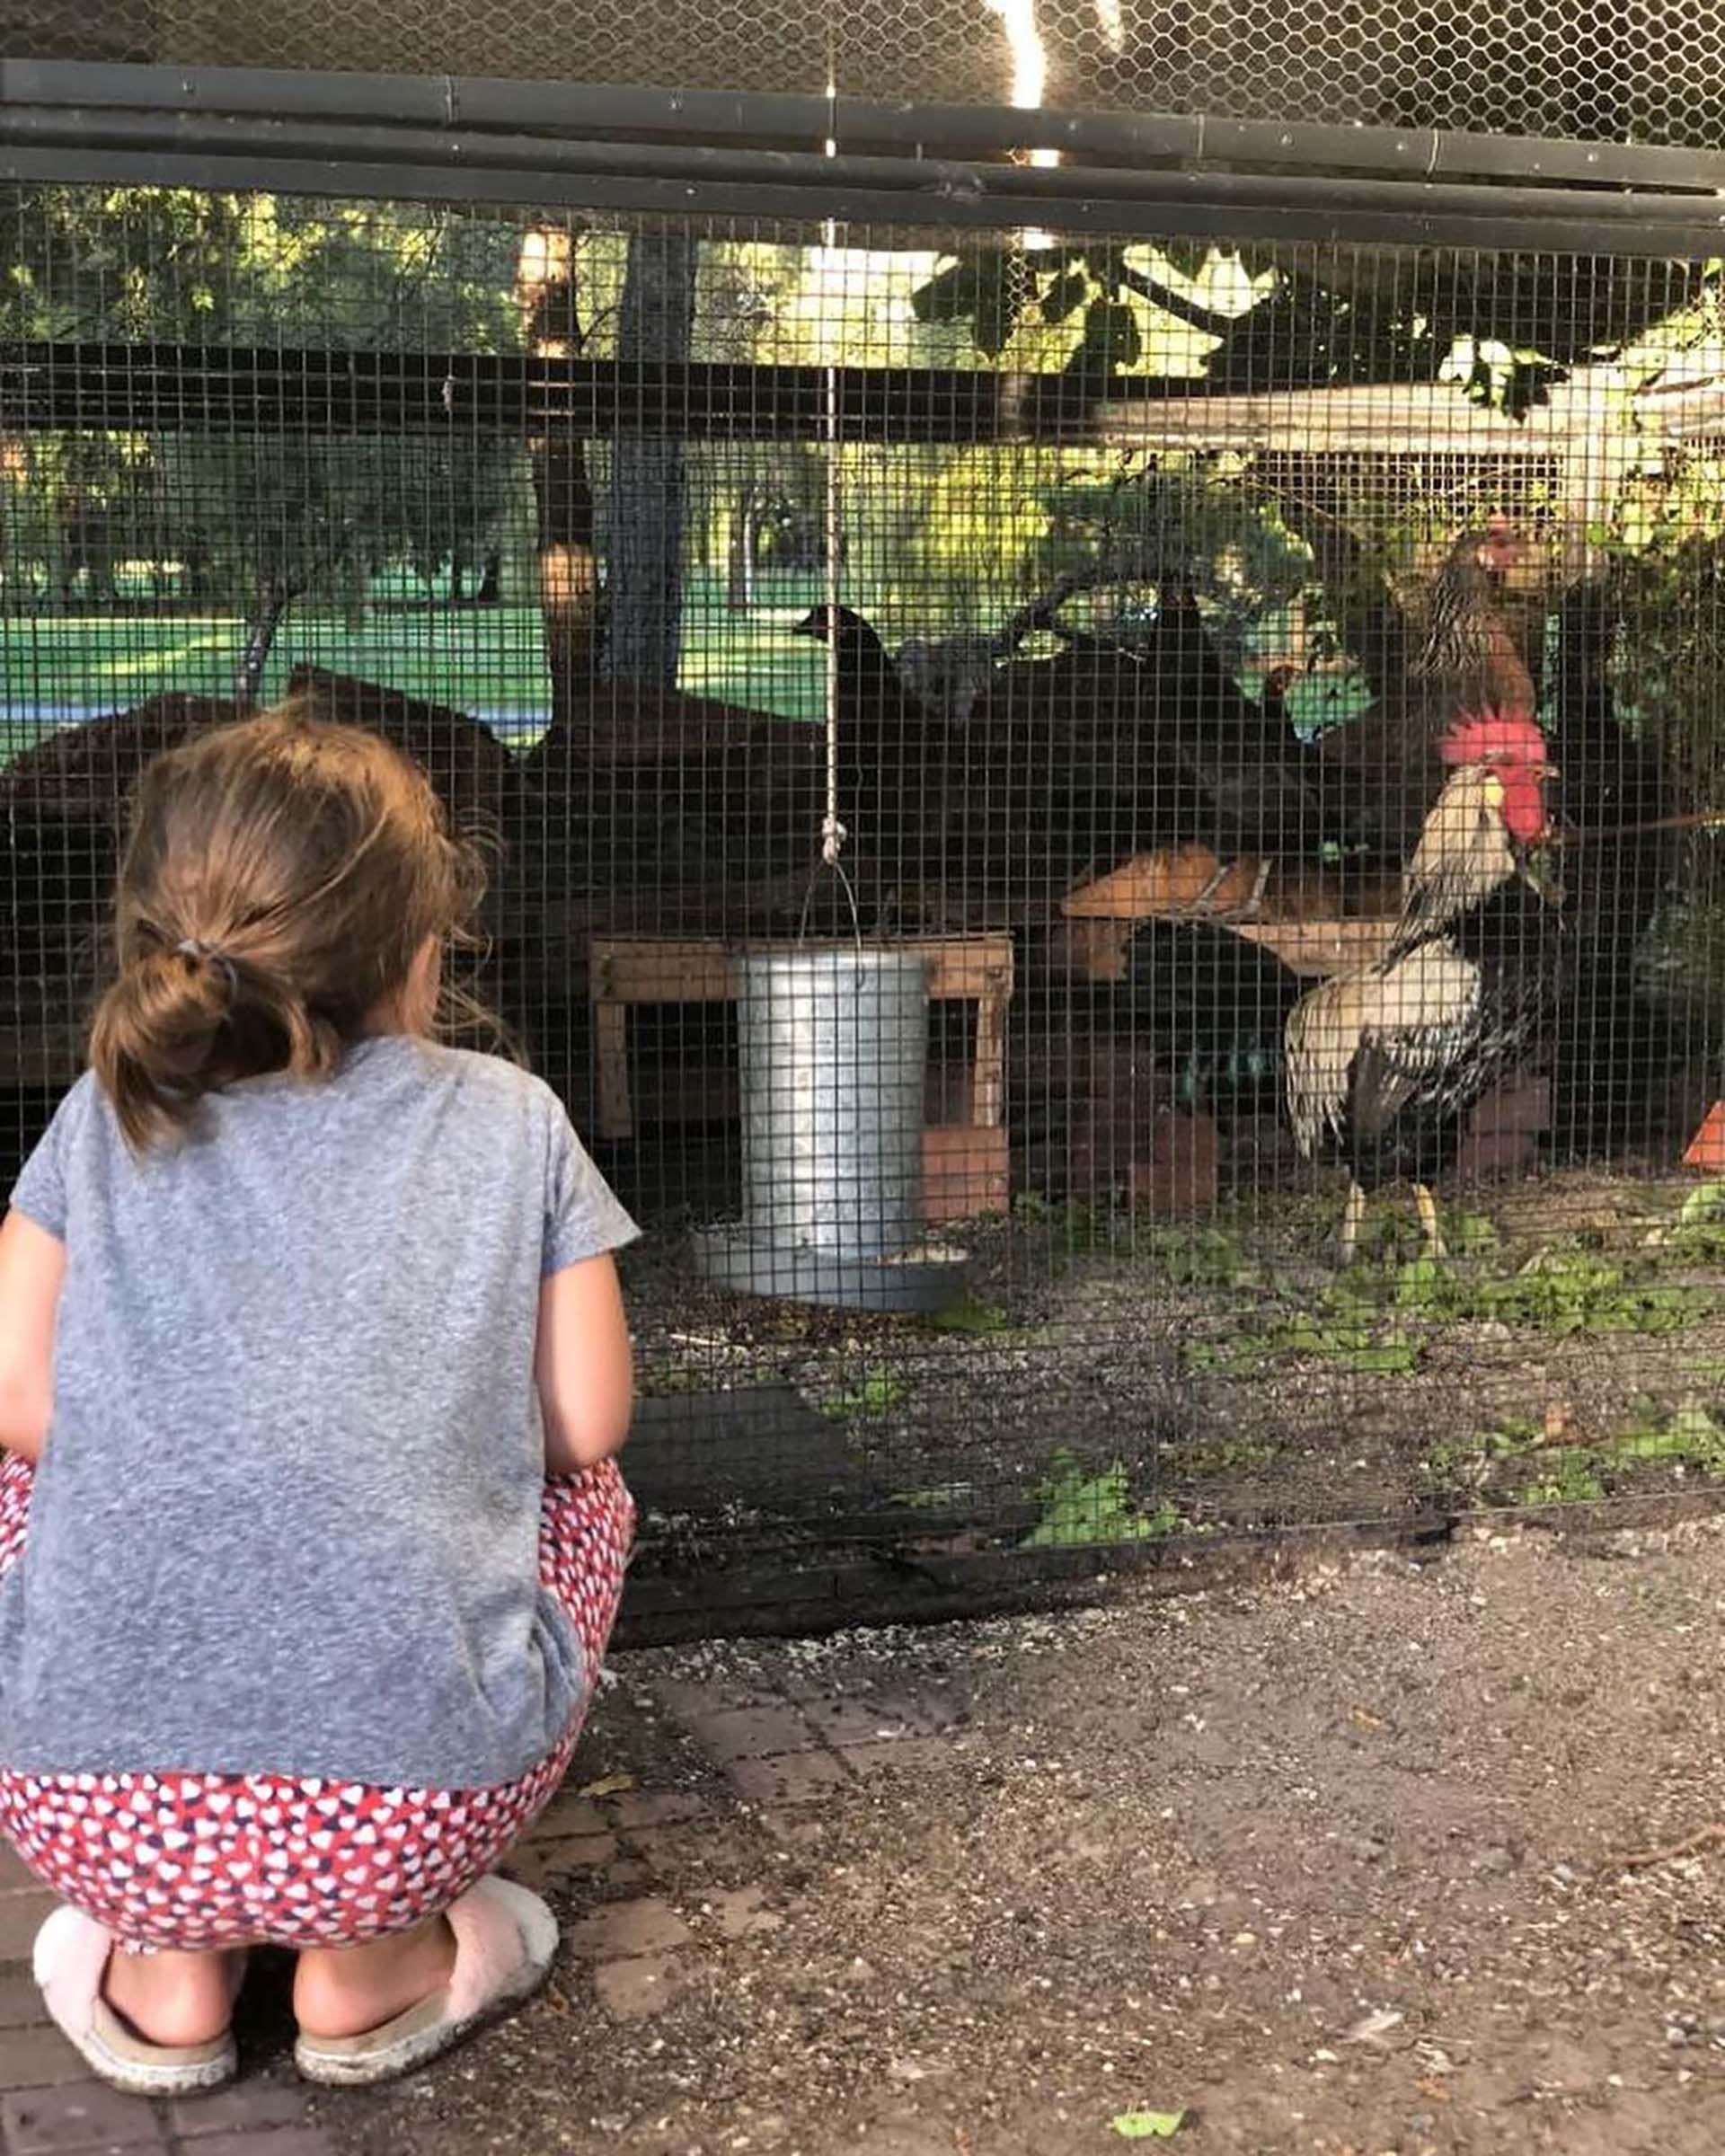 Antonia husmea un corral con gallinas